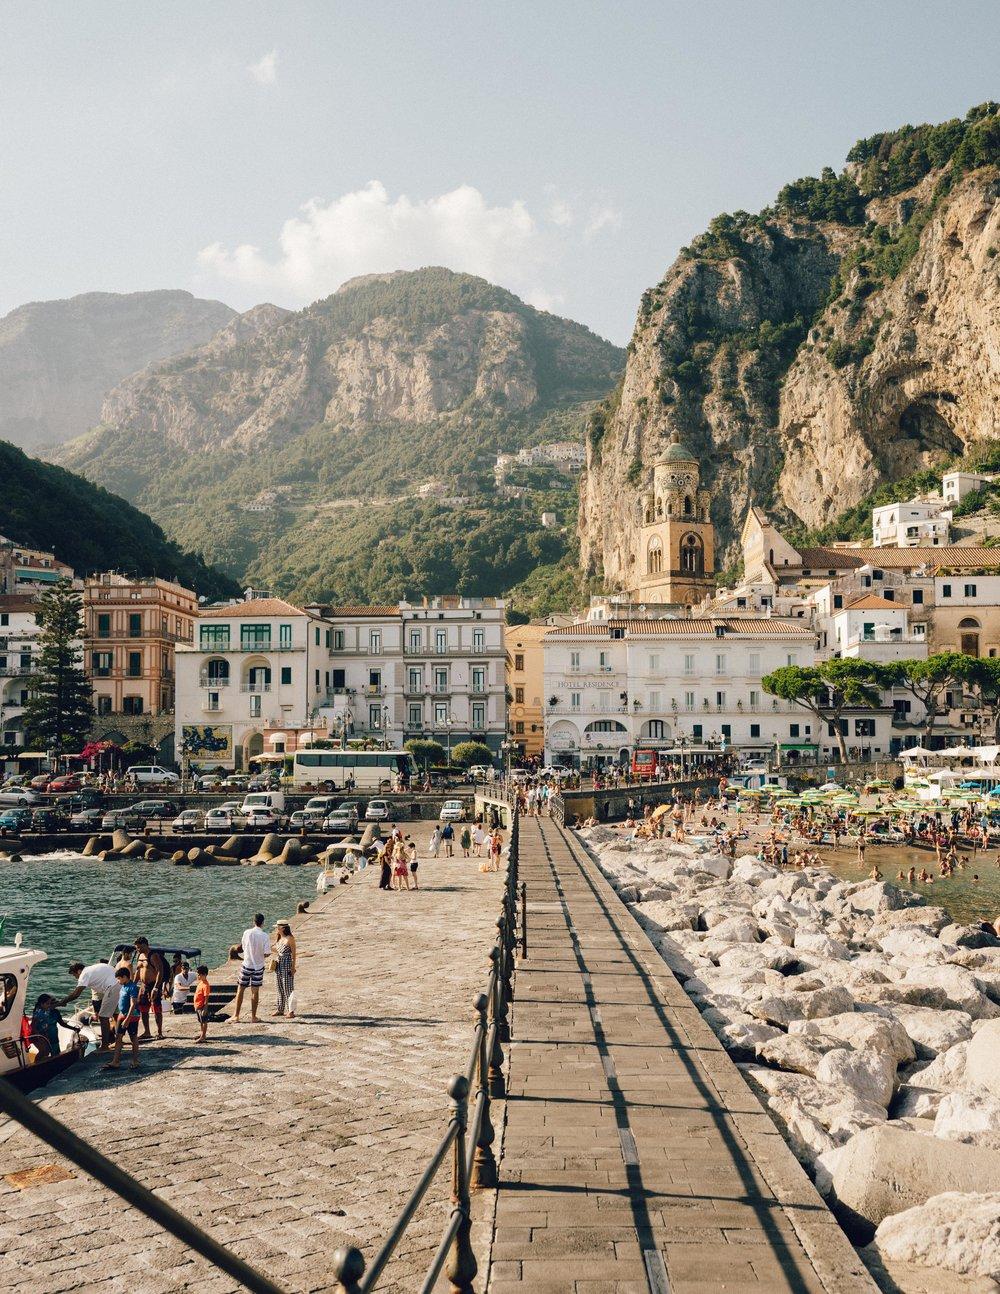 ASROSENVINGE_Italy_Roadtrip_Amalfi-07507.jpg